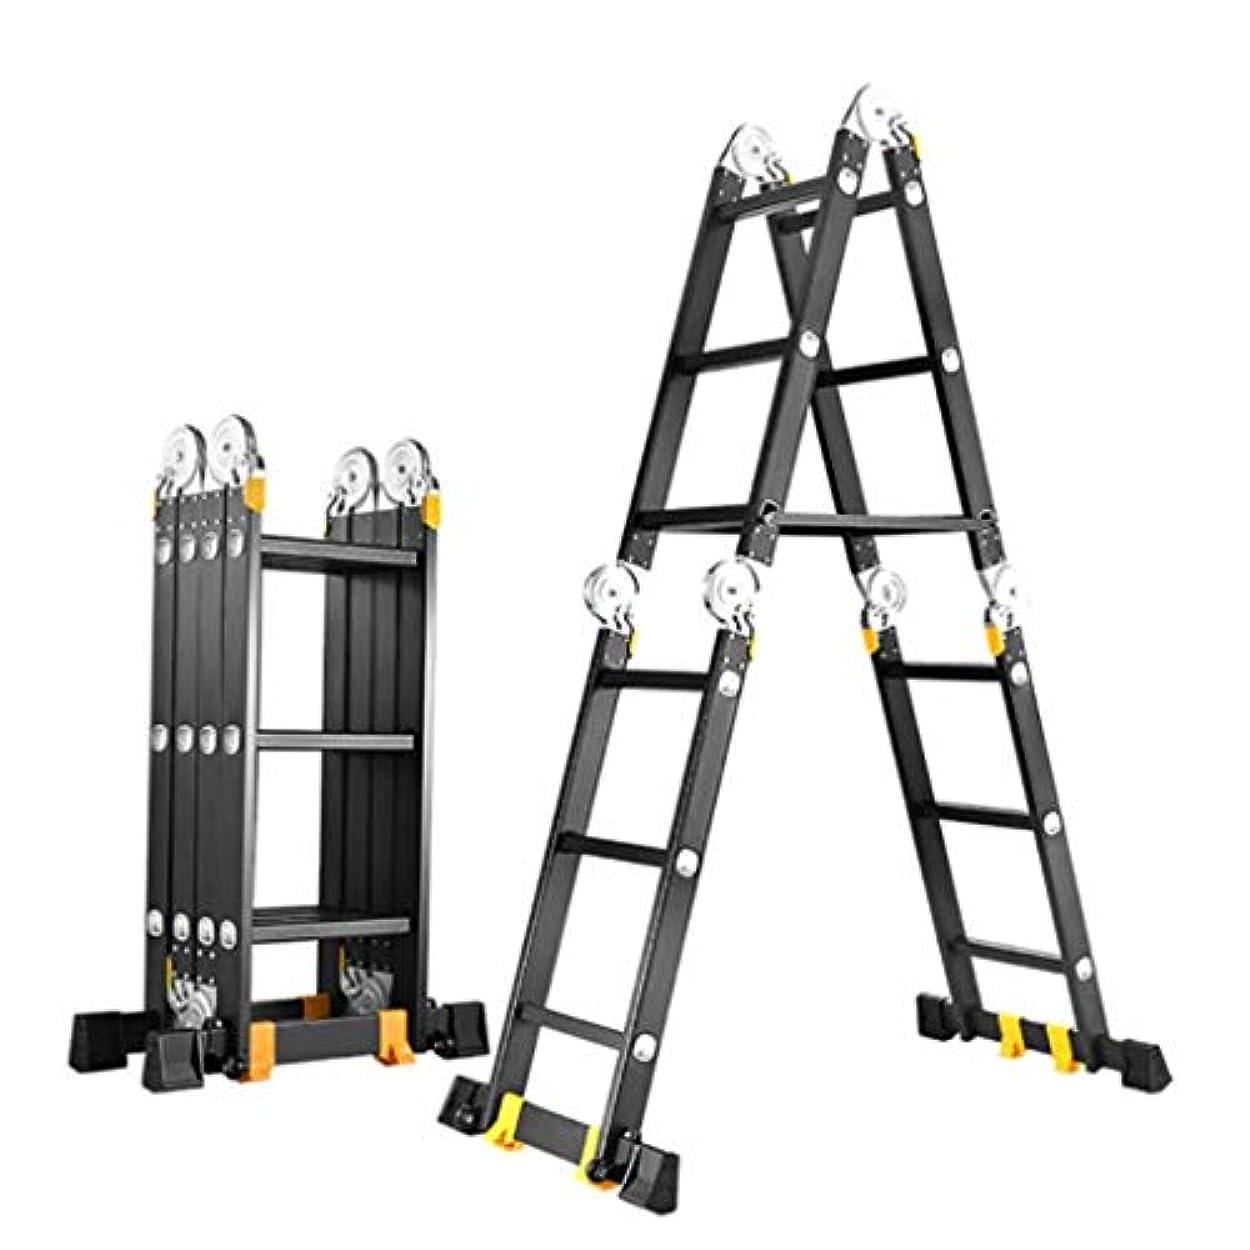 タイピストテザーシャープXEWNEG 折りたたみ梯子、多機能アルミ梯子、プーリーとバランスバー付きのポータブルエンジニアリング梯子、 (Size : Straight 5.8M= Herringbone 2.8M)